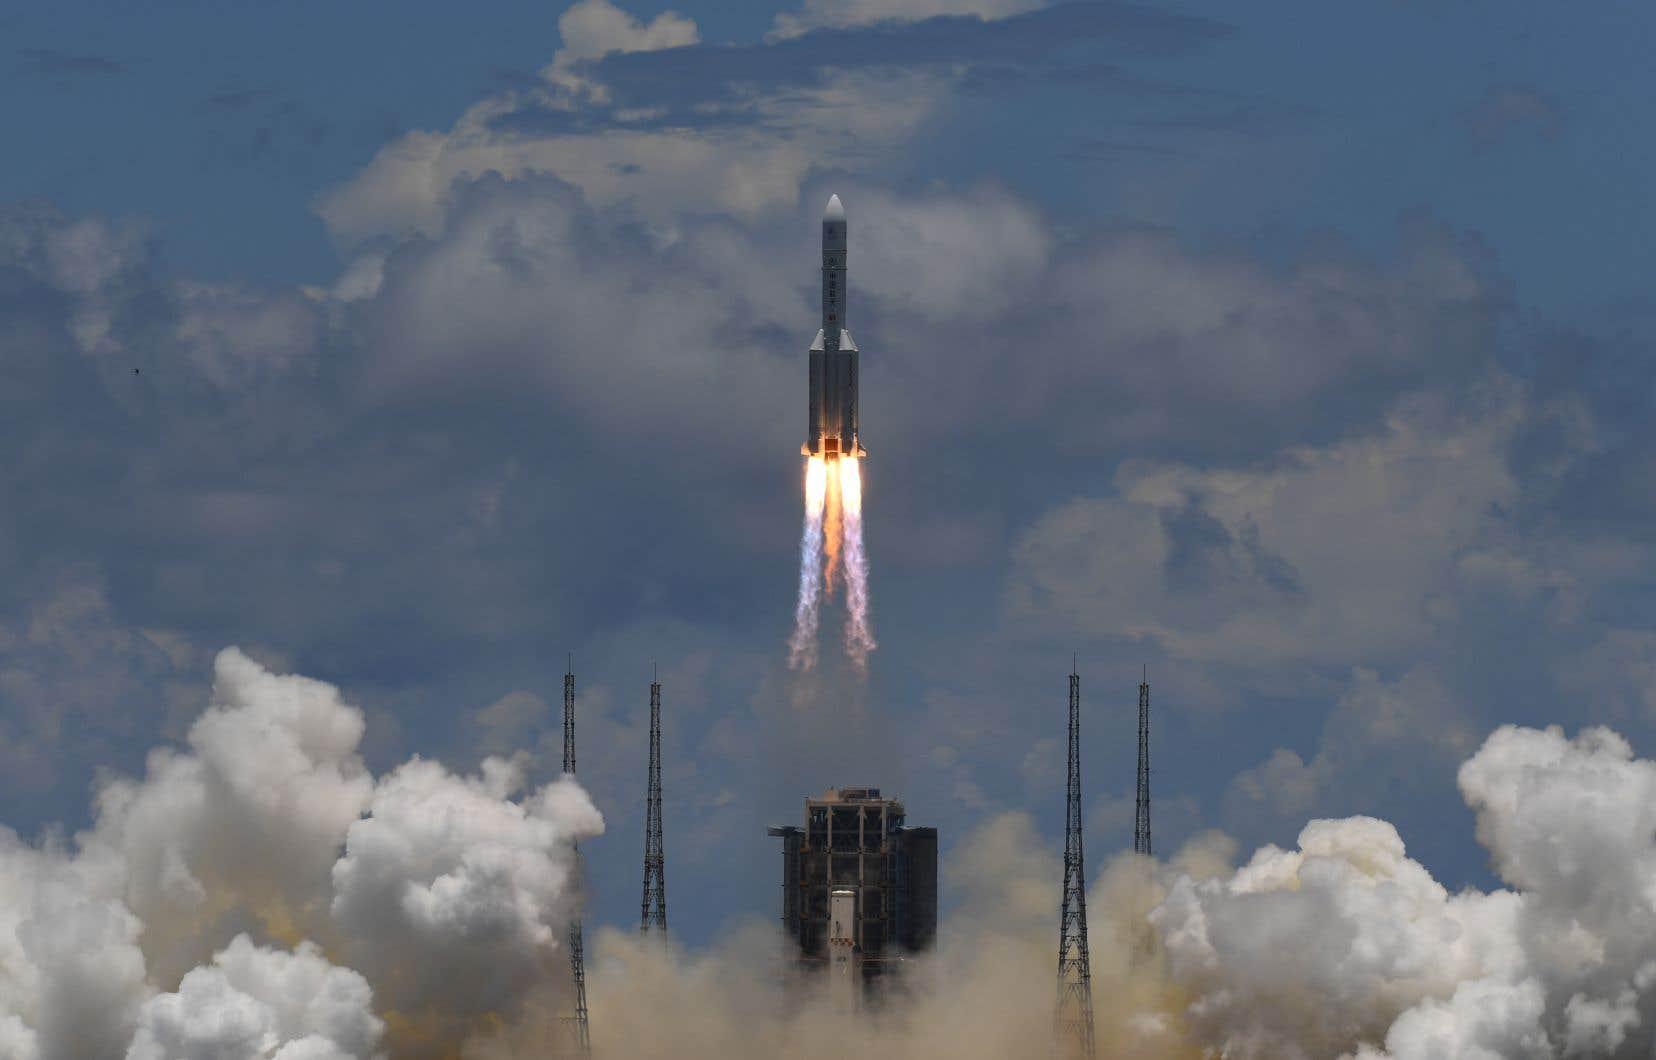 L'engin a été propulsé dans un ciel d'azur par une fusée Longue-Marche 5, la plus puissante de la panoplie chinoise.